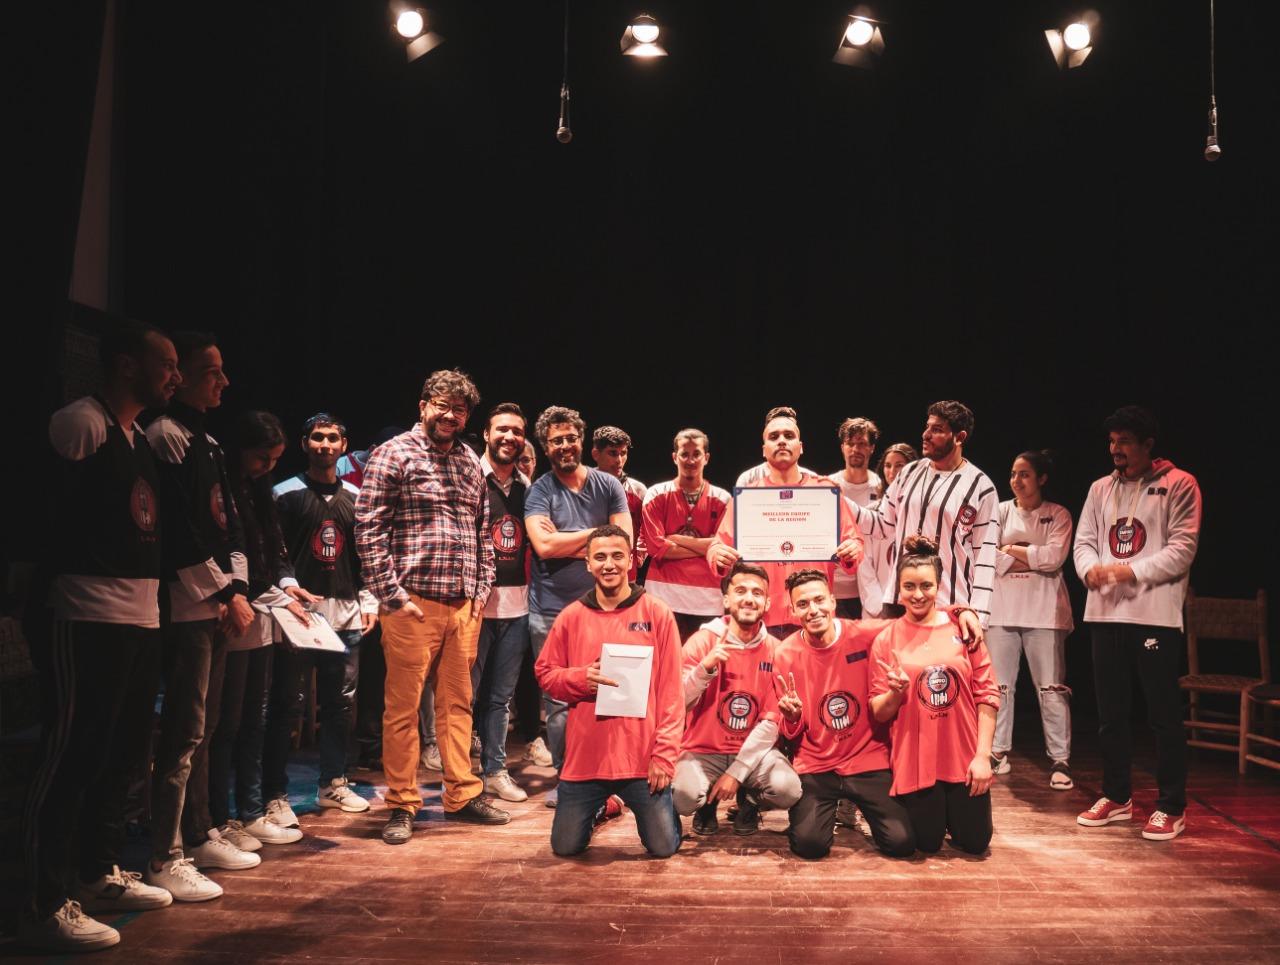 Théâtre: Nojoum donne rendez-vous pour la finale de la Ligue nationale d'improvisation théâtrale